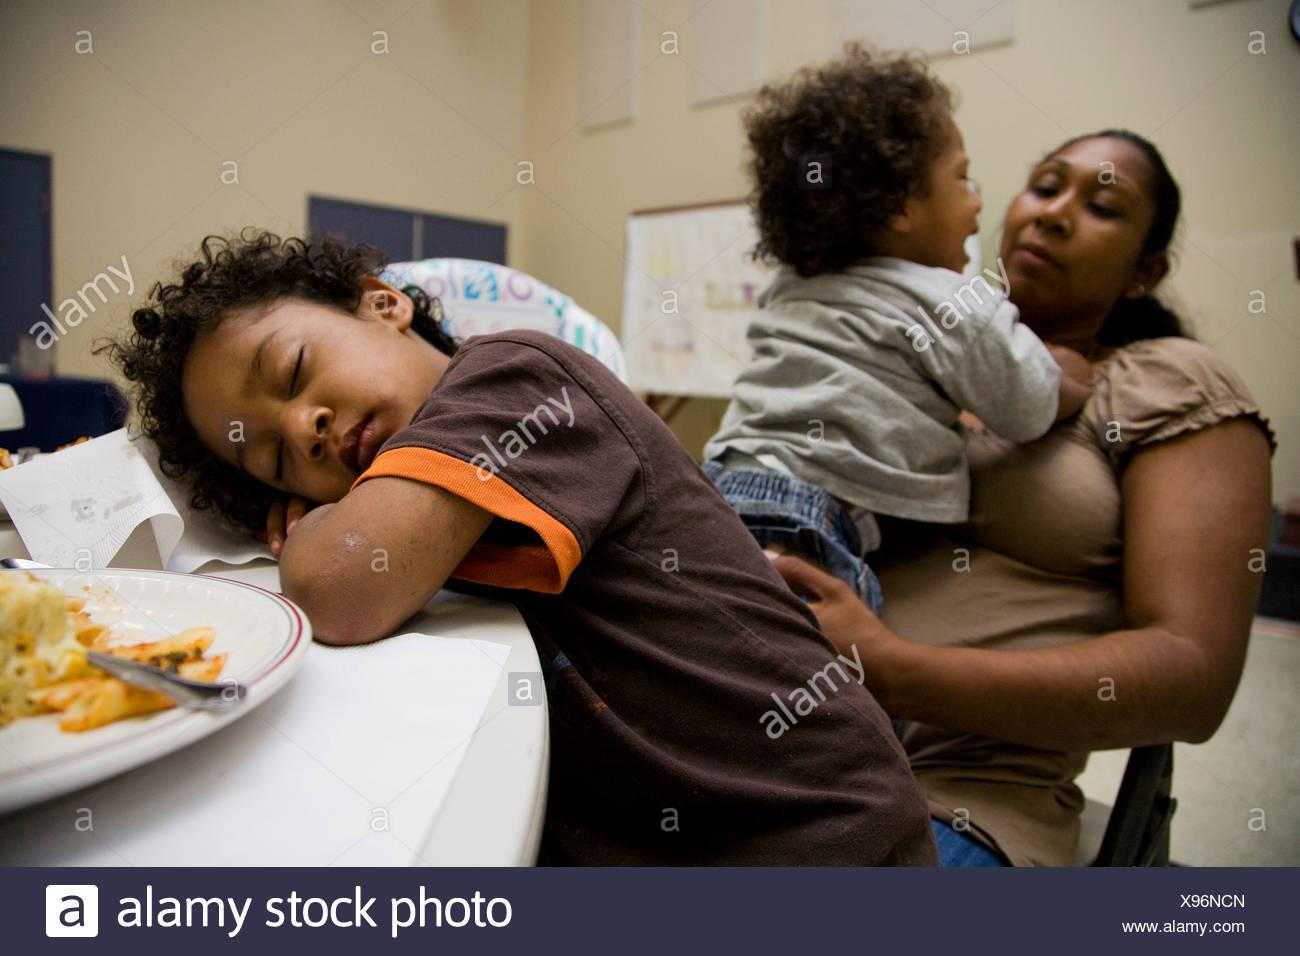 Selena Pina, una casa madre di quattro e i suoi bambini stare in linea per ricevere la cena preparata dai volontari della promessa di famiglia Foto Stock